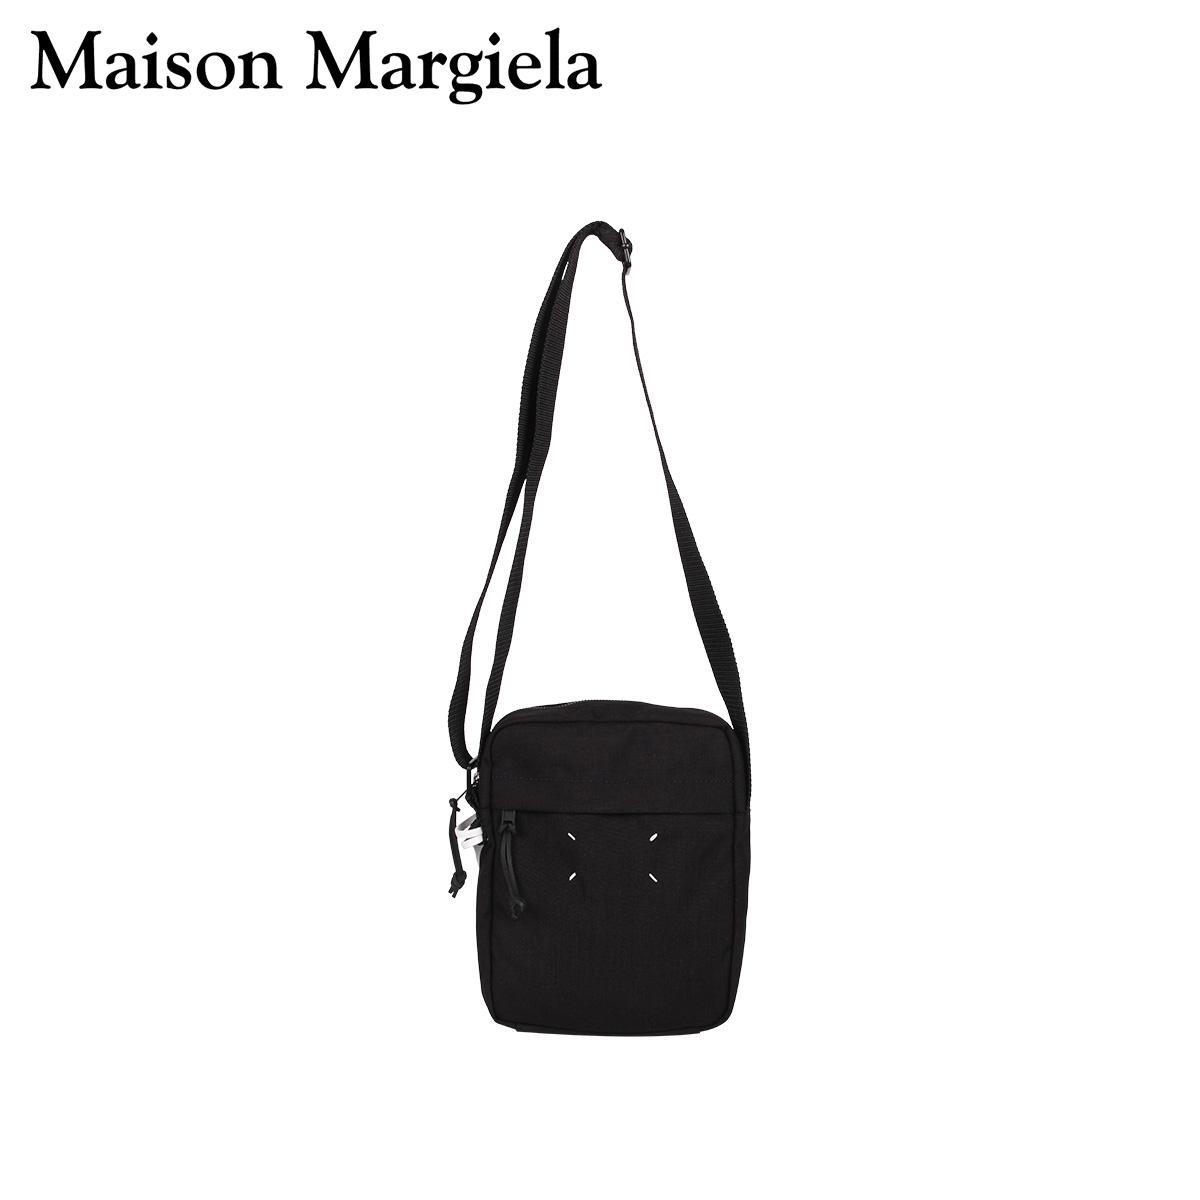 メゾンマルジェラ MAISON MARGIELA バッグ ショルダーバッグ メンズ レディース SHOLDER BAG ブラック 黒 S55WG0056-T8013 [3/4 新入荷]